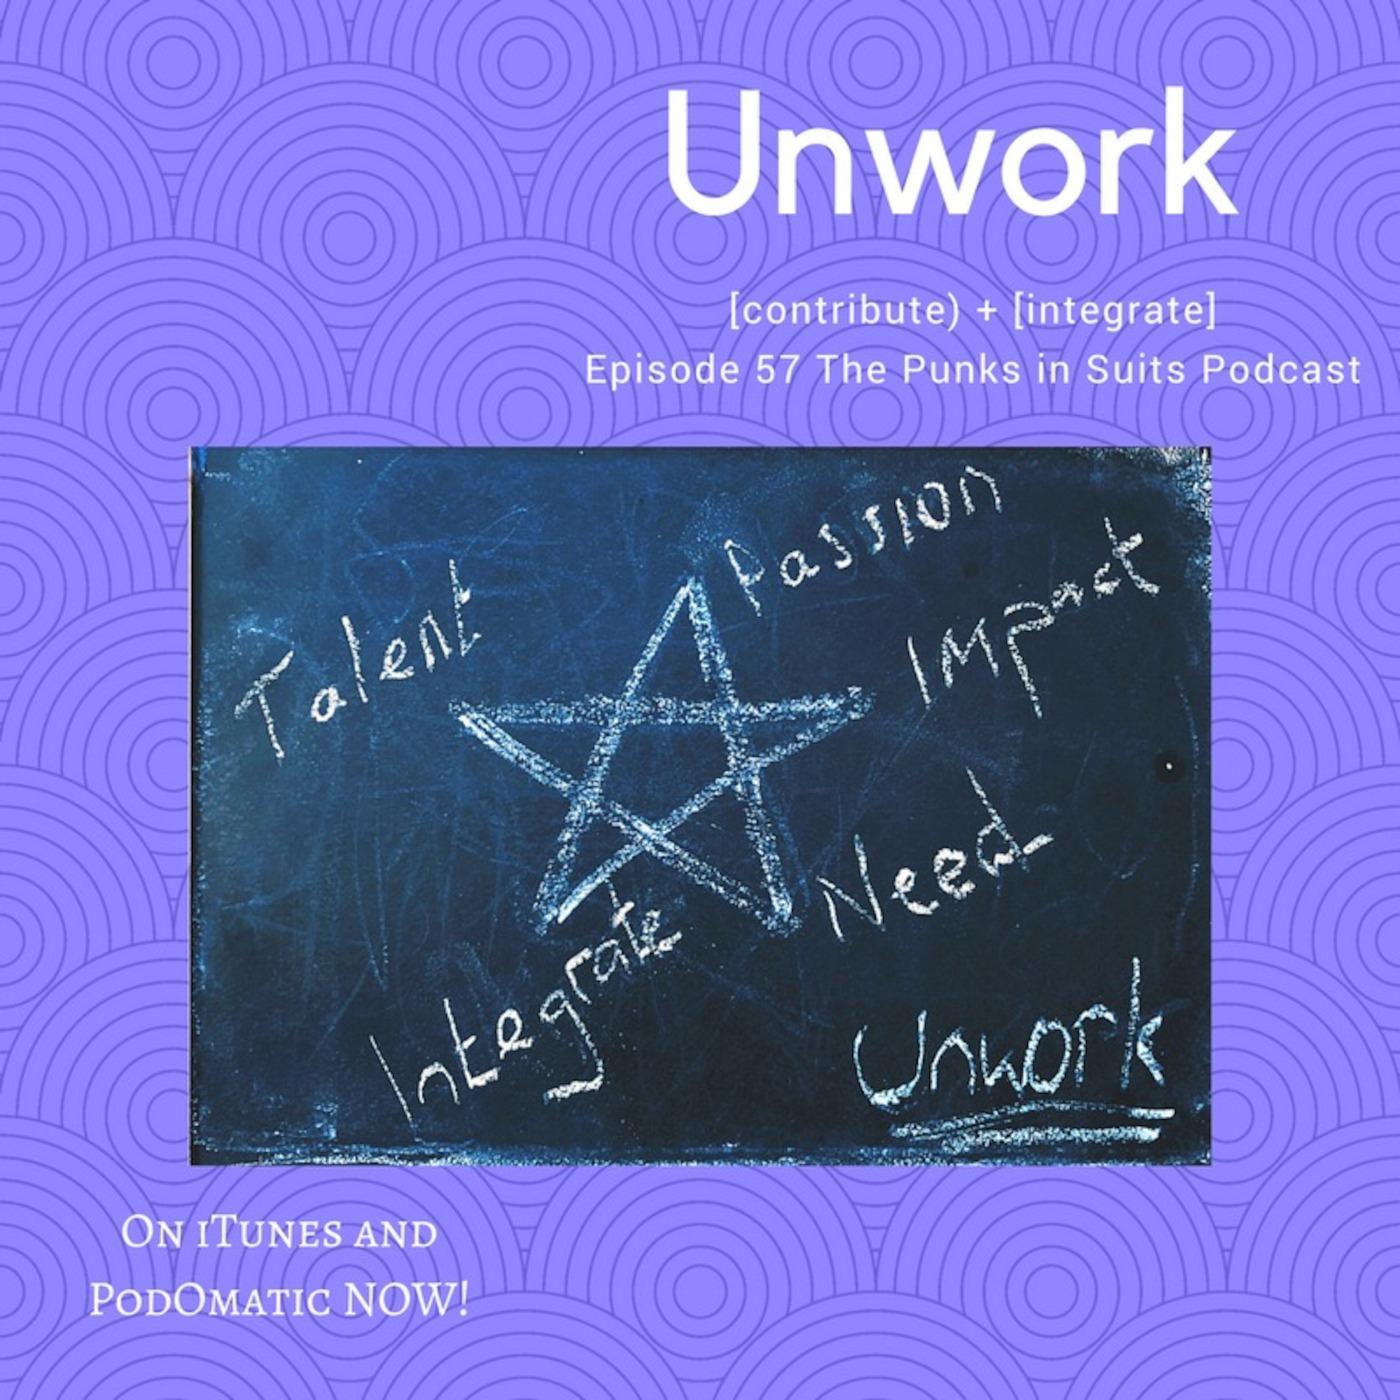 Episode 57: Unwork!